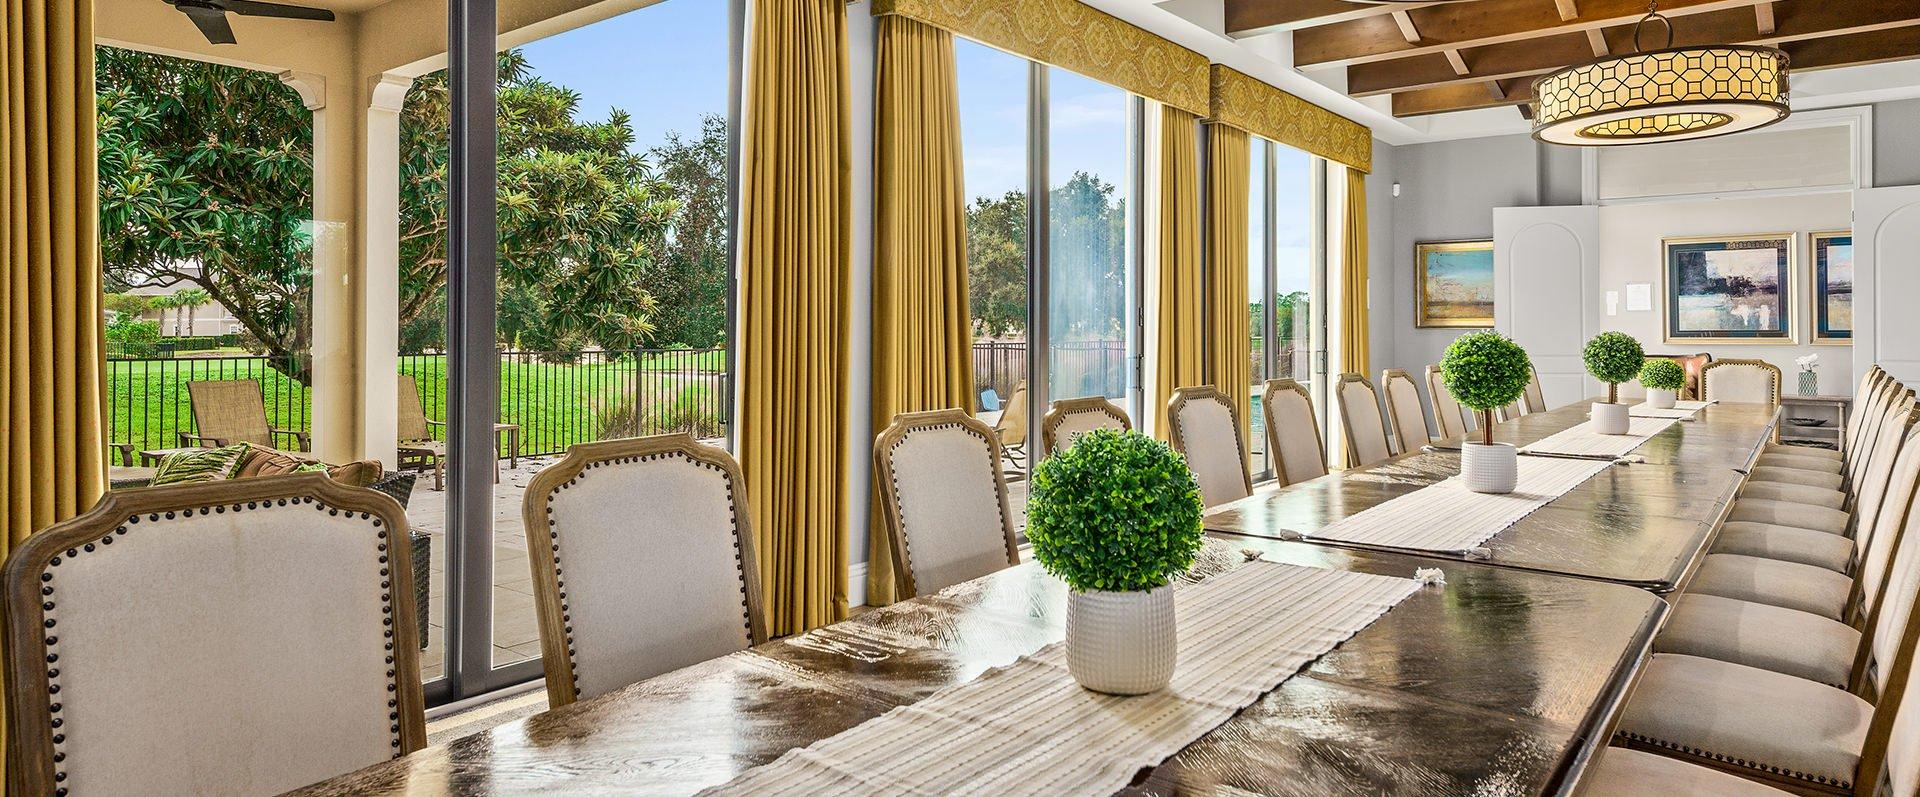 Amazing 9 To 15 Bedroom Luxury Vacation Villas In Orlando Florida